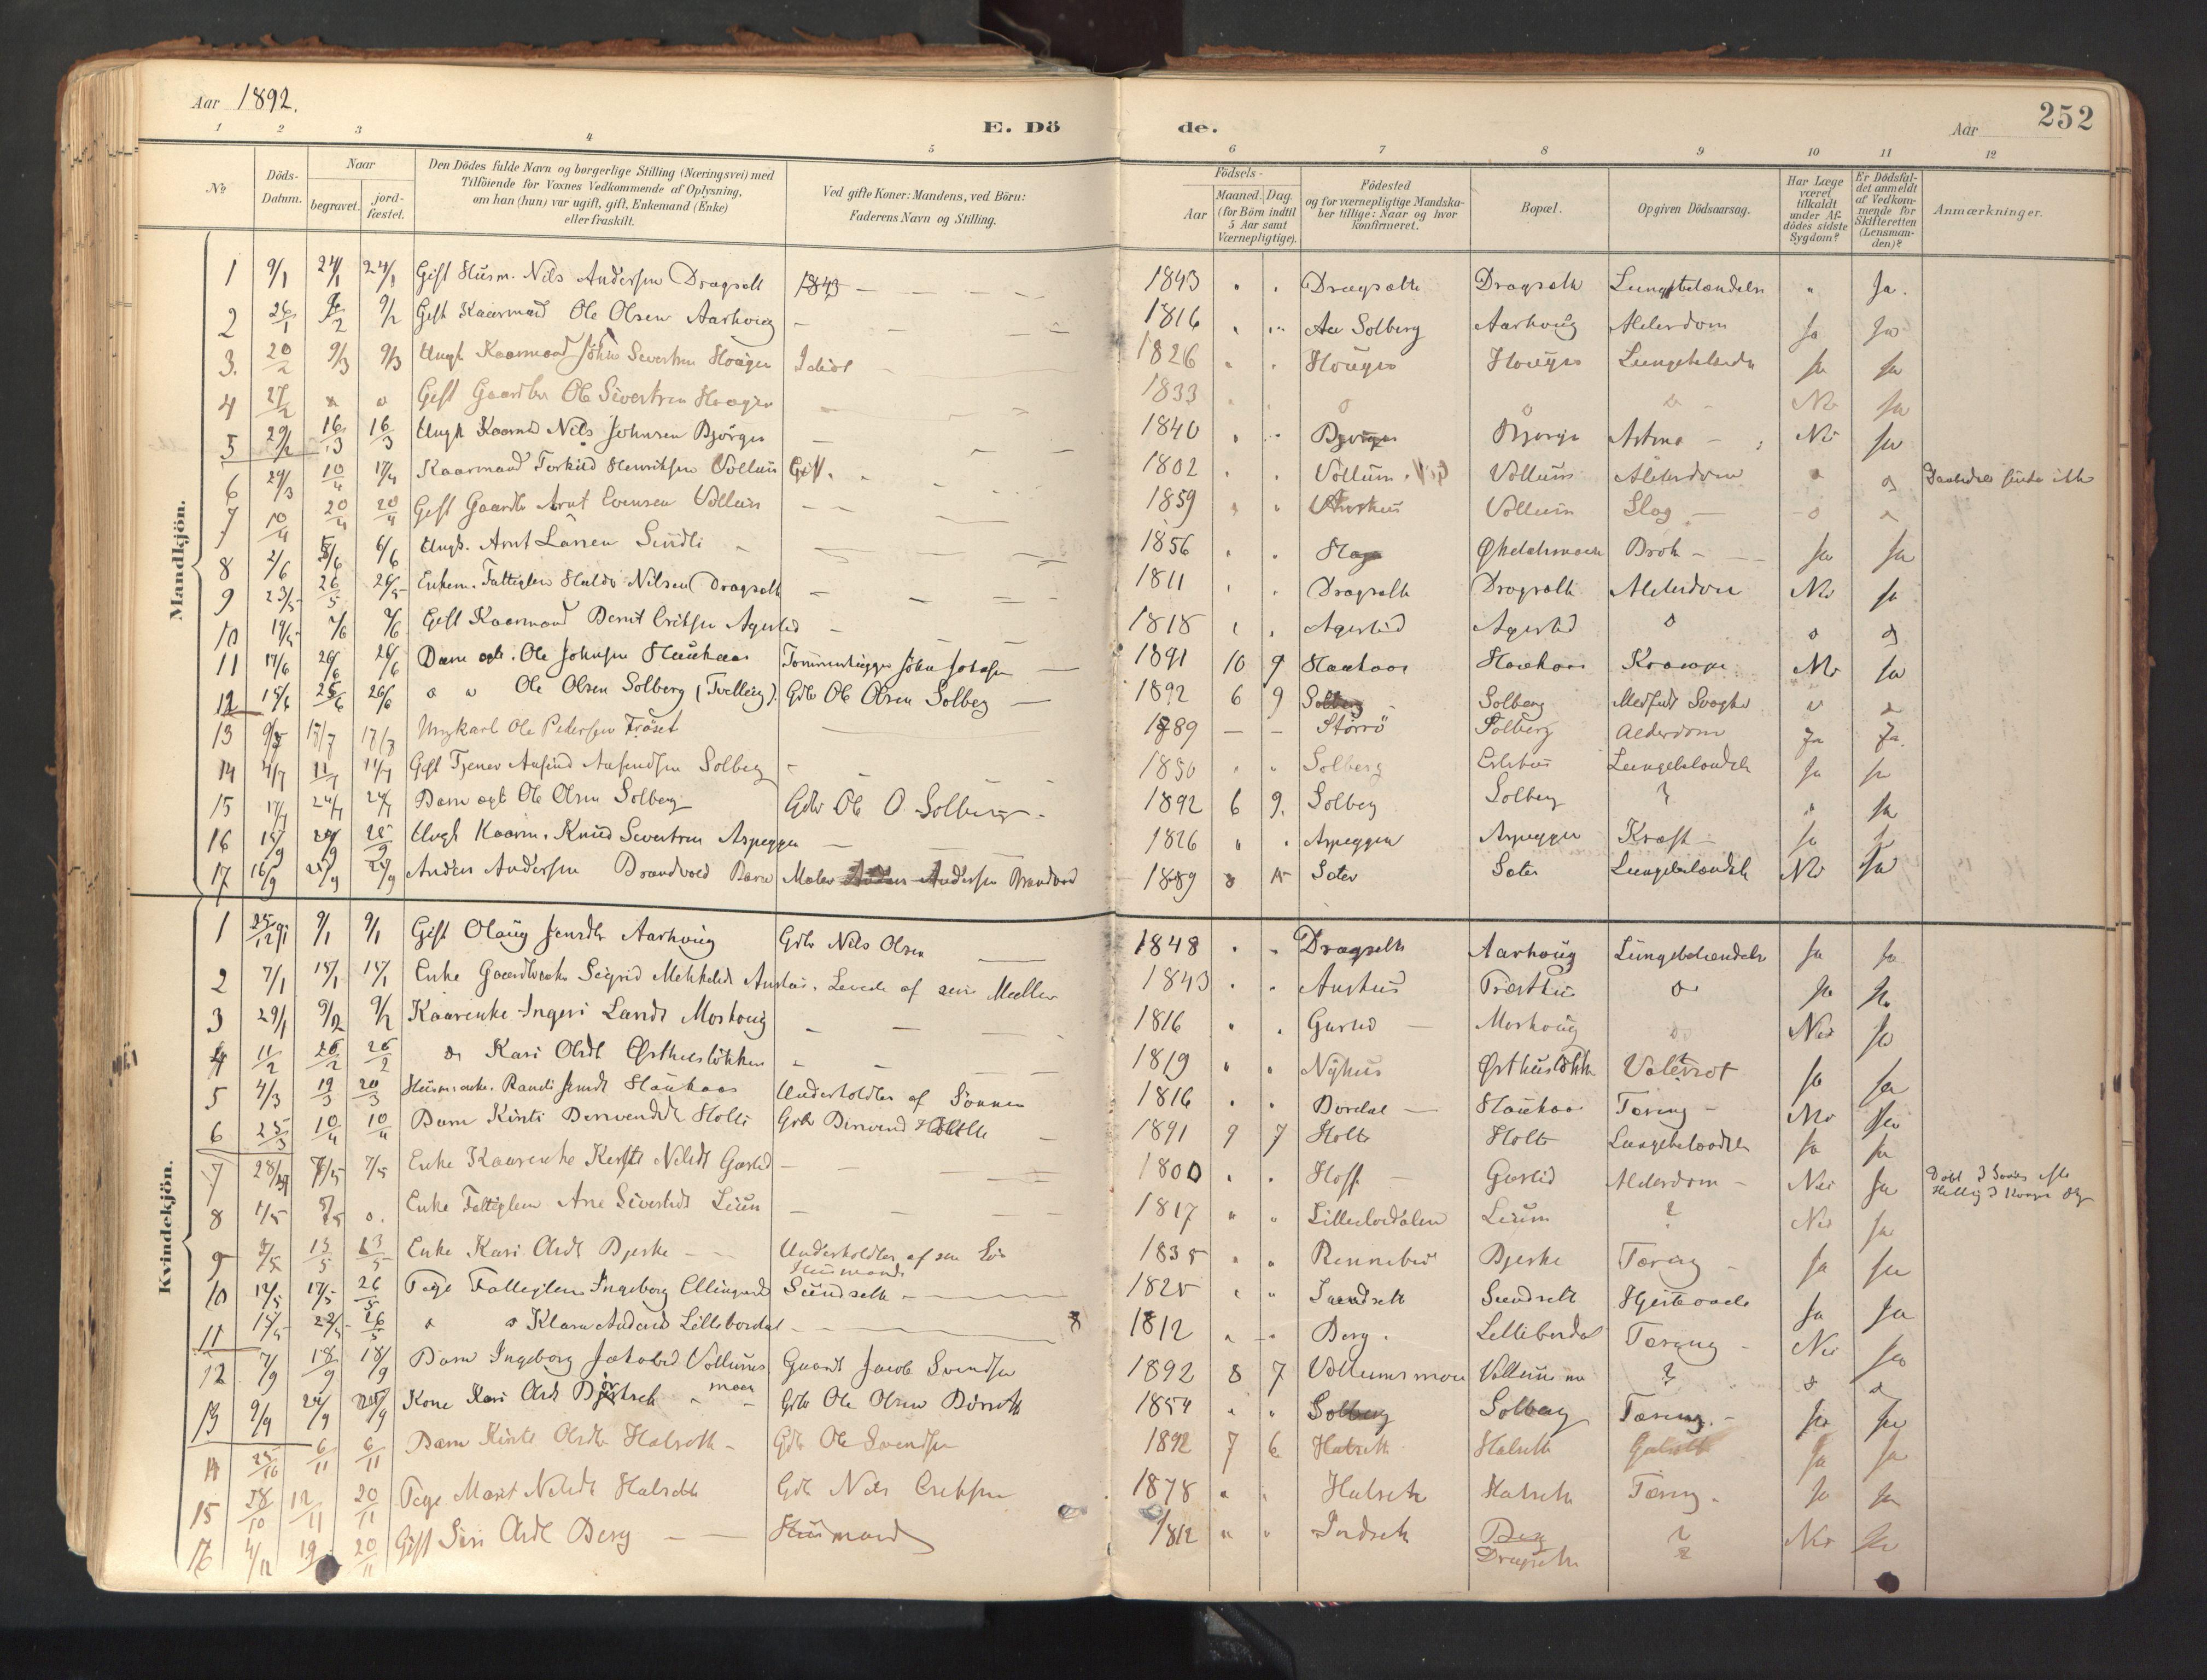 SAT, Ministerialprotokoller, klokkerbøker og fødselsregistre - Sør-Trøndelag, 689/L1041: Ministerialbok nr. 689A06, 1891-1923, s. 252